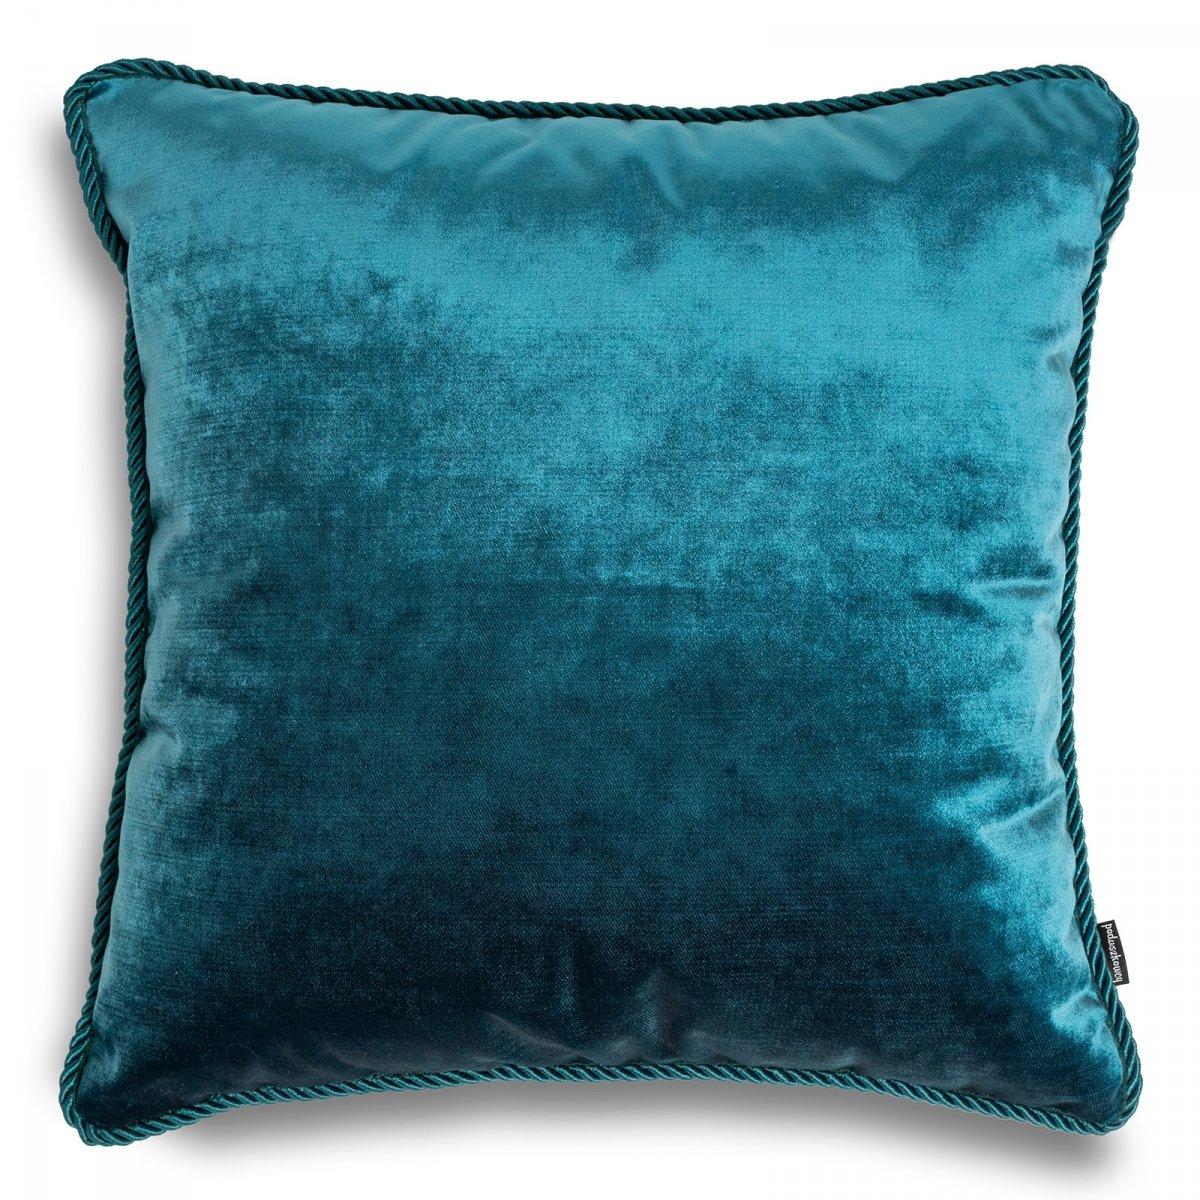 Morska poduszka dekoracyjna Glamour